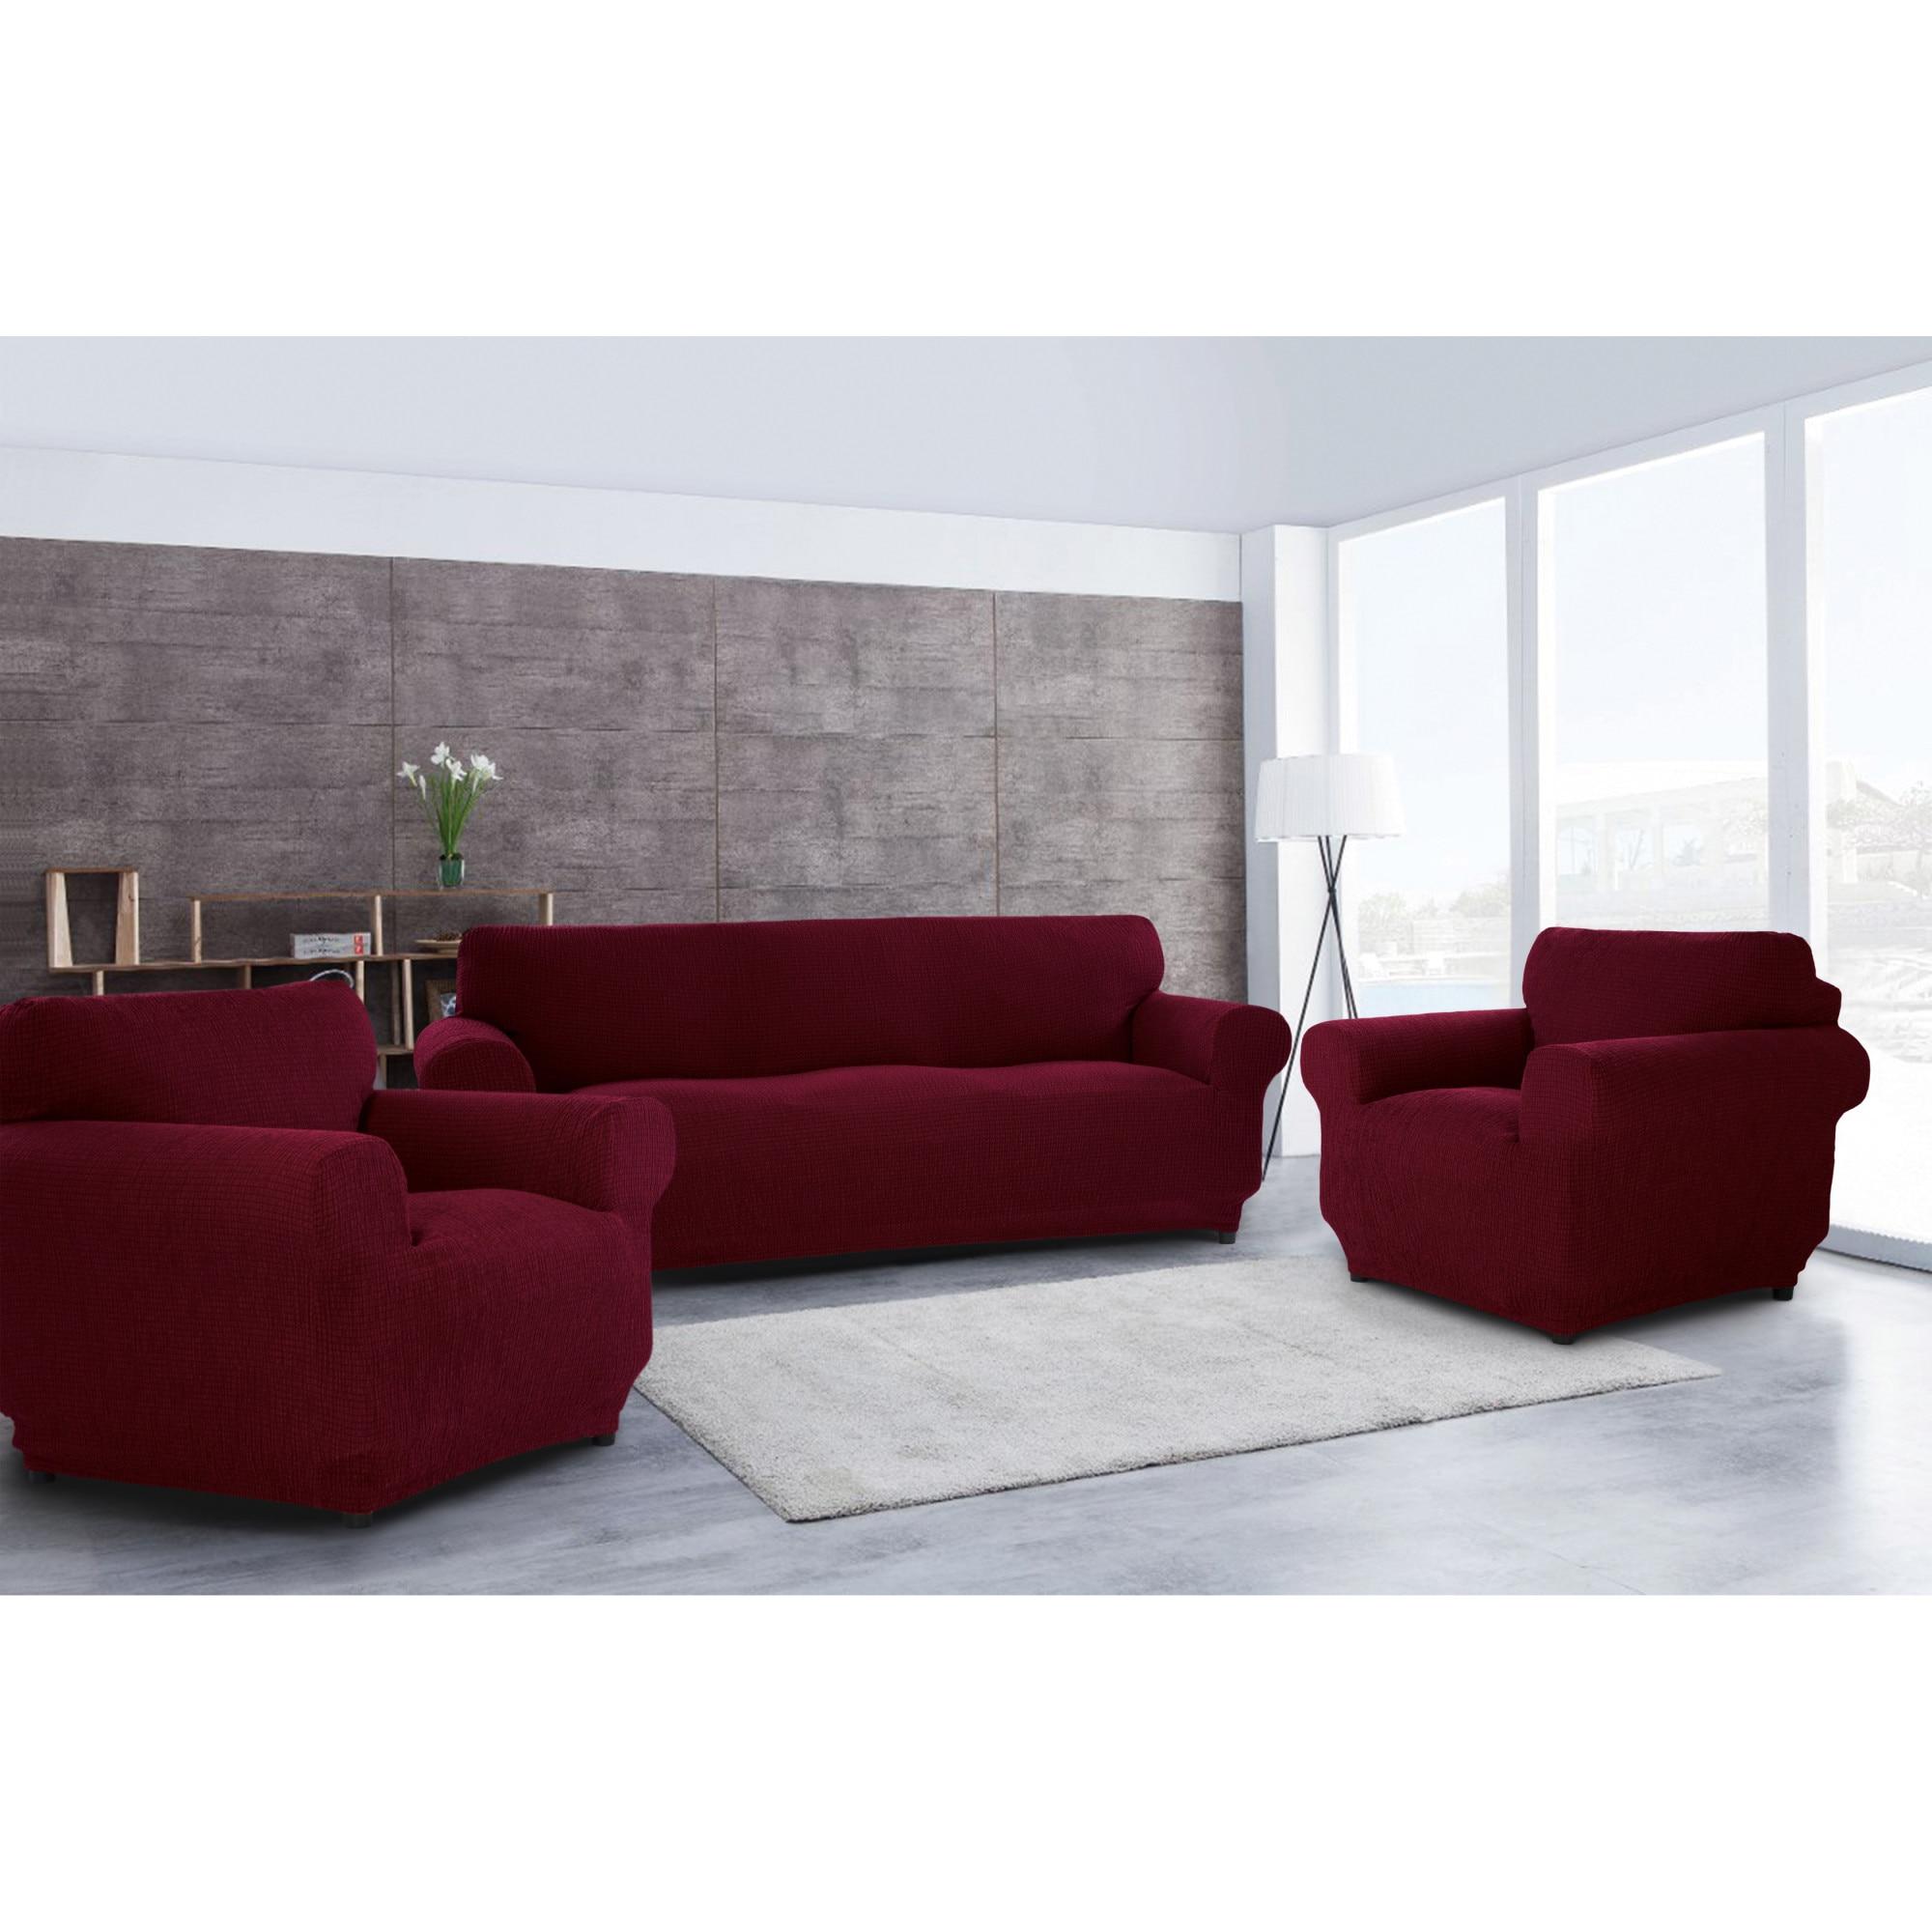 Fotografie Set huse elastice pentru canapea 3 locuri si 2 fotolii Kring Brilliante, 60% bumbac+ 35% poliester + 5% elastan, Bordeaux